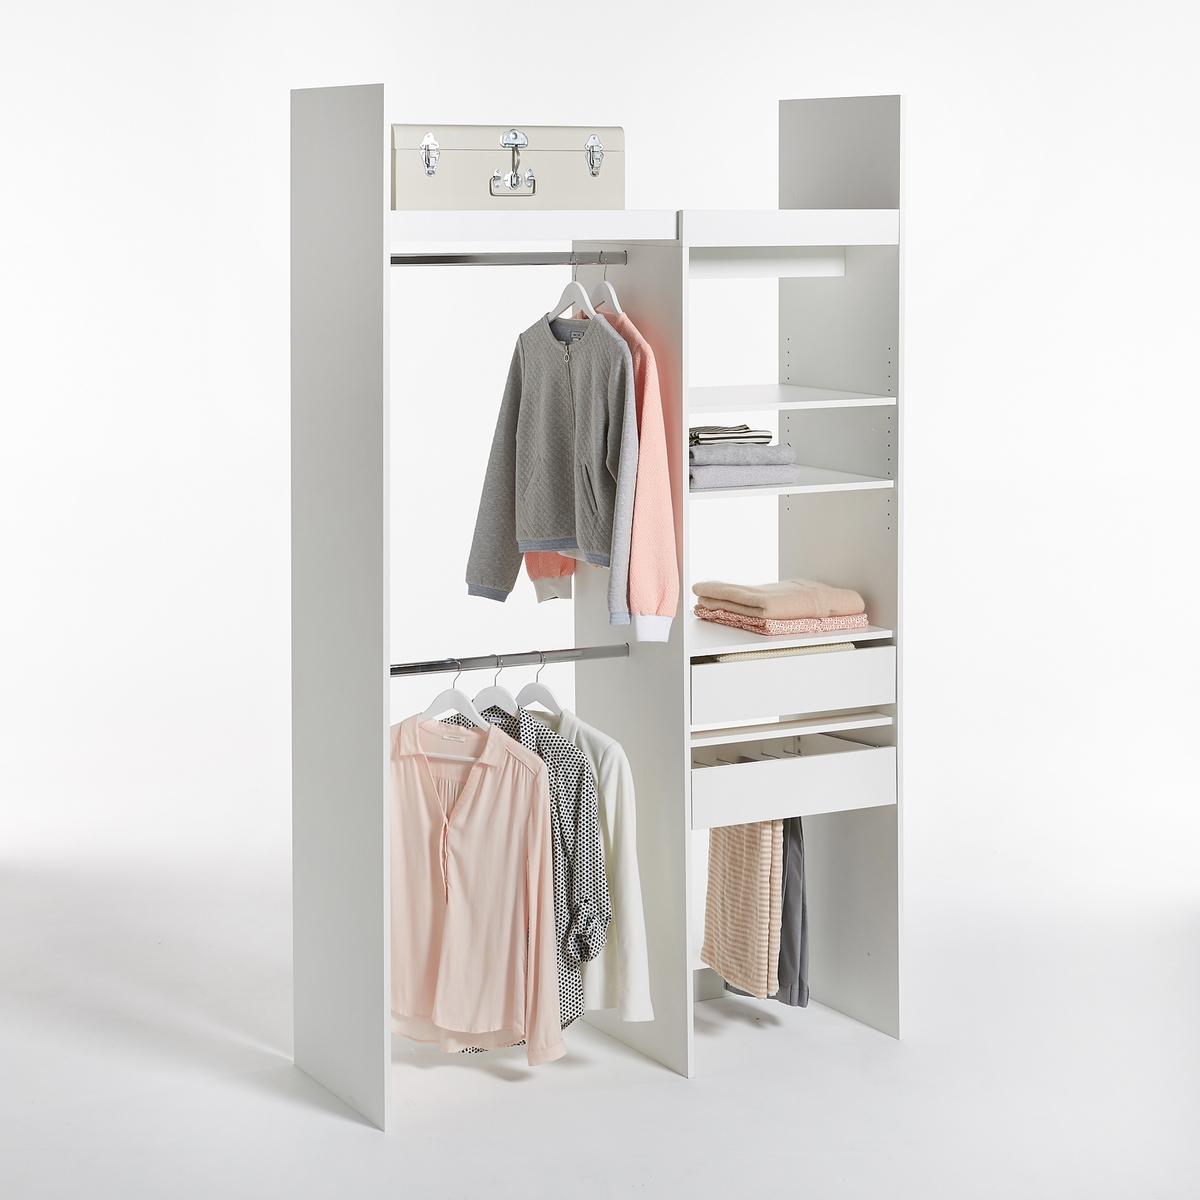 Гардероб модульный с 1 стеллажом и 2 отделениями для одежды Yann